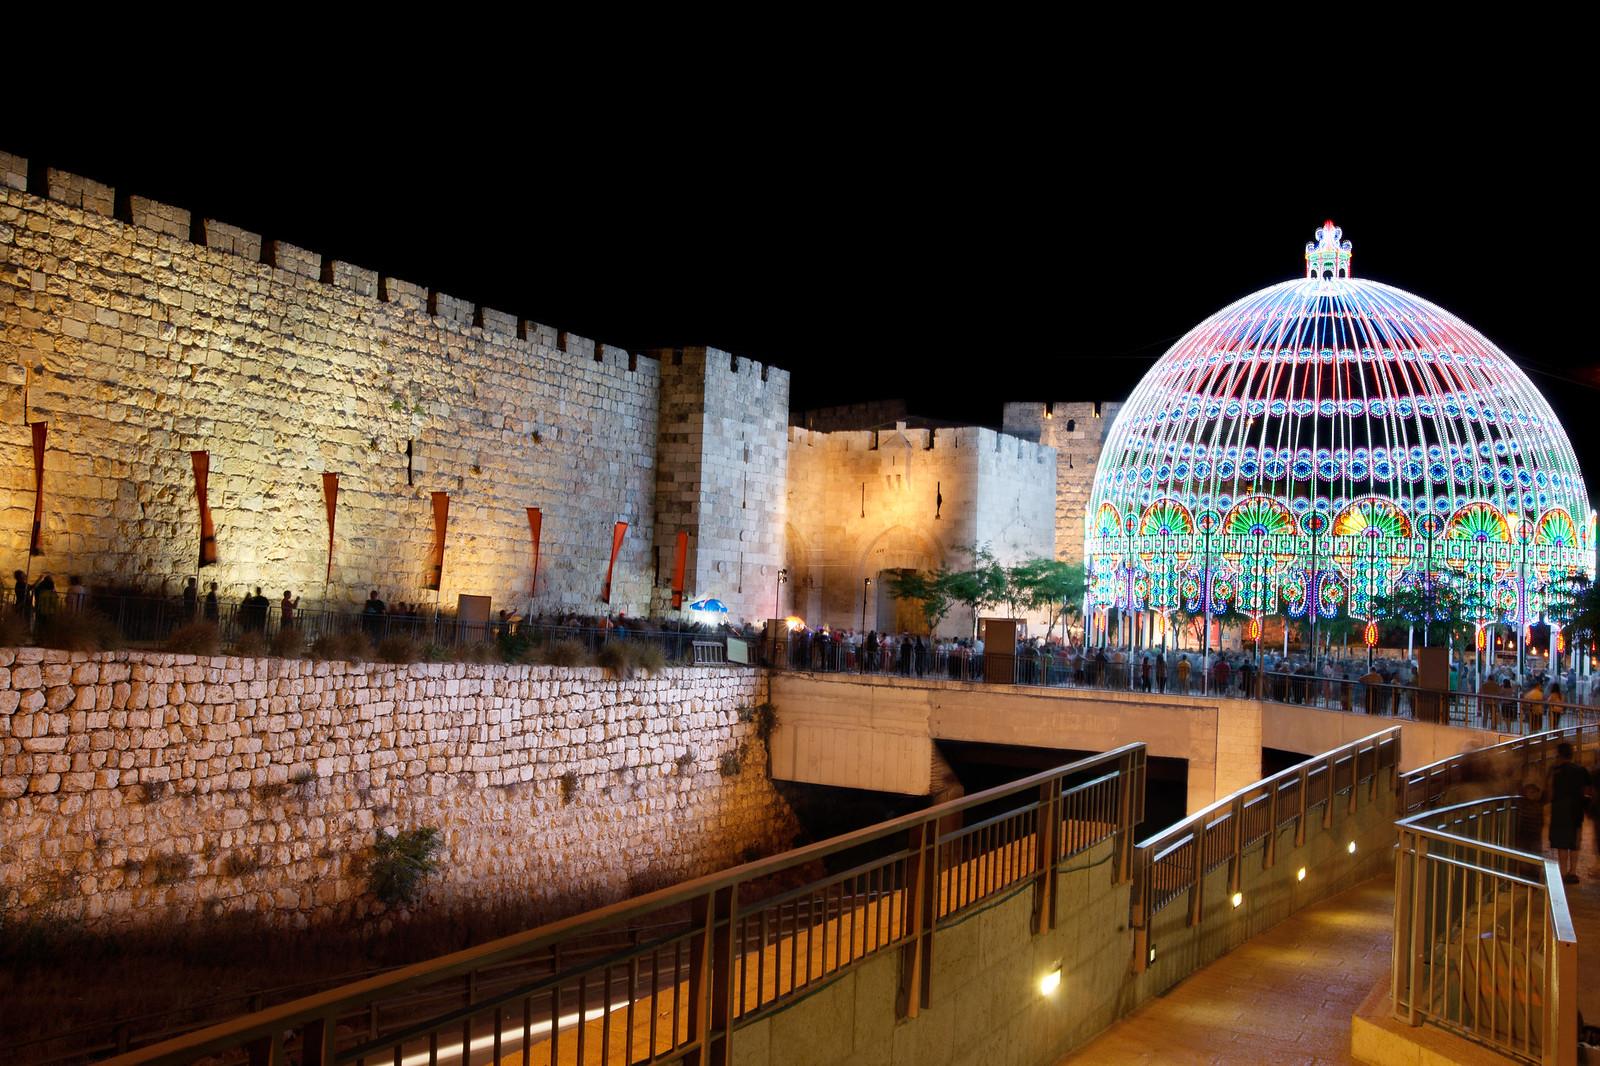 Jerusalem_Festival of Light_Old City_1_Noam Chen_IMOT